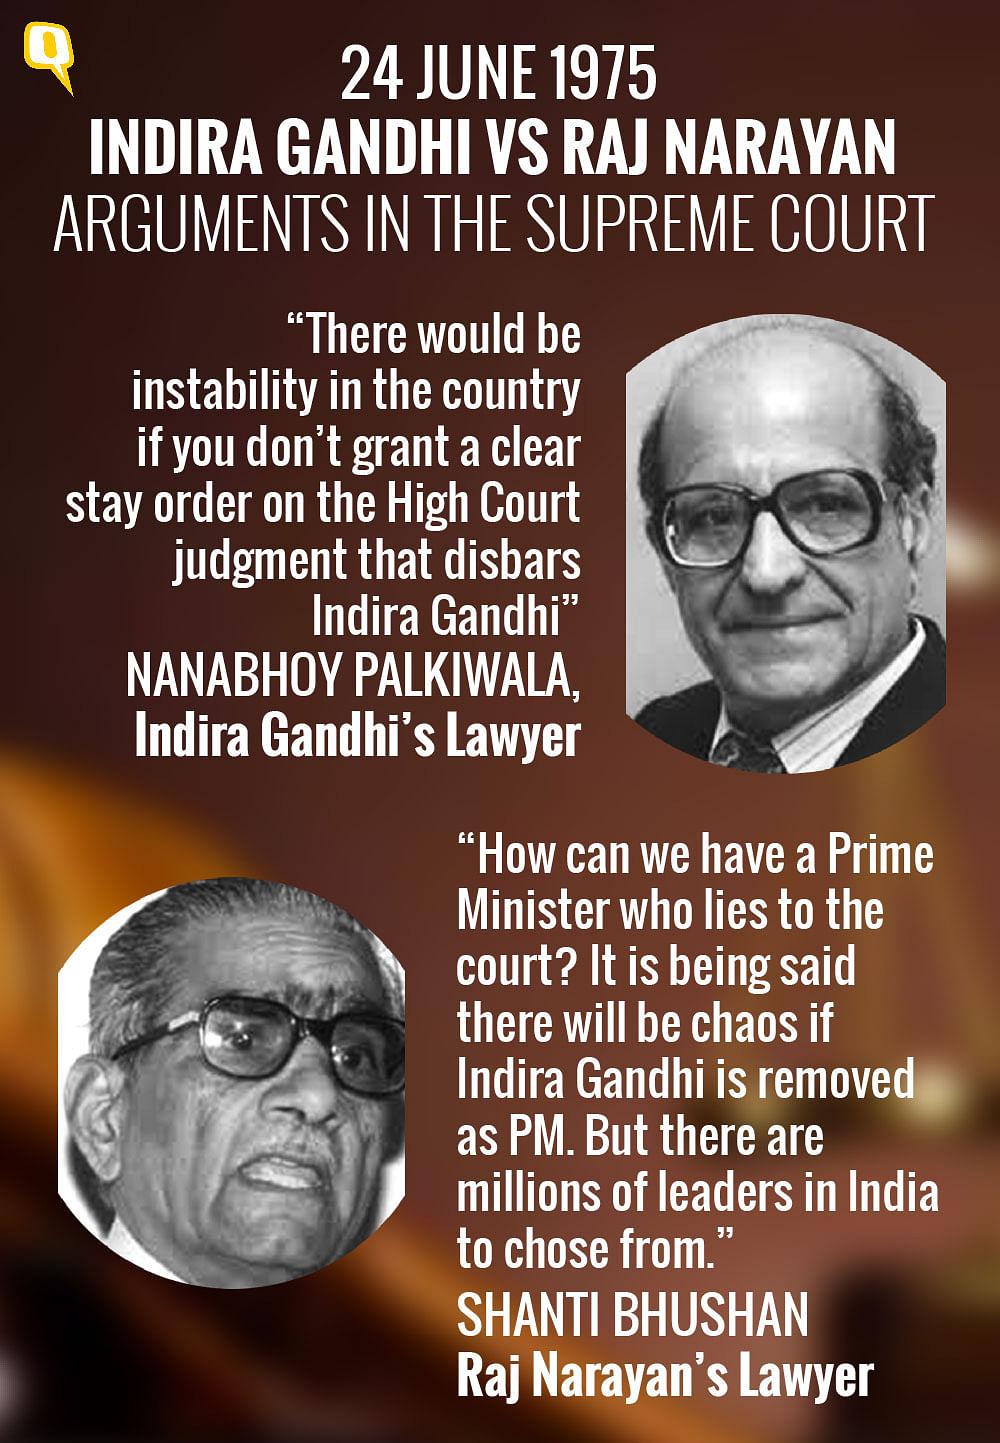 Shanti Bhushan, the Lawyer Who Got Indira Gandhi Disbarred